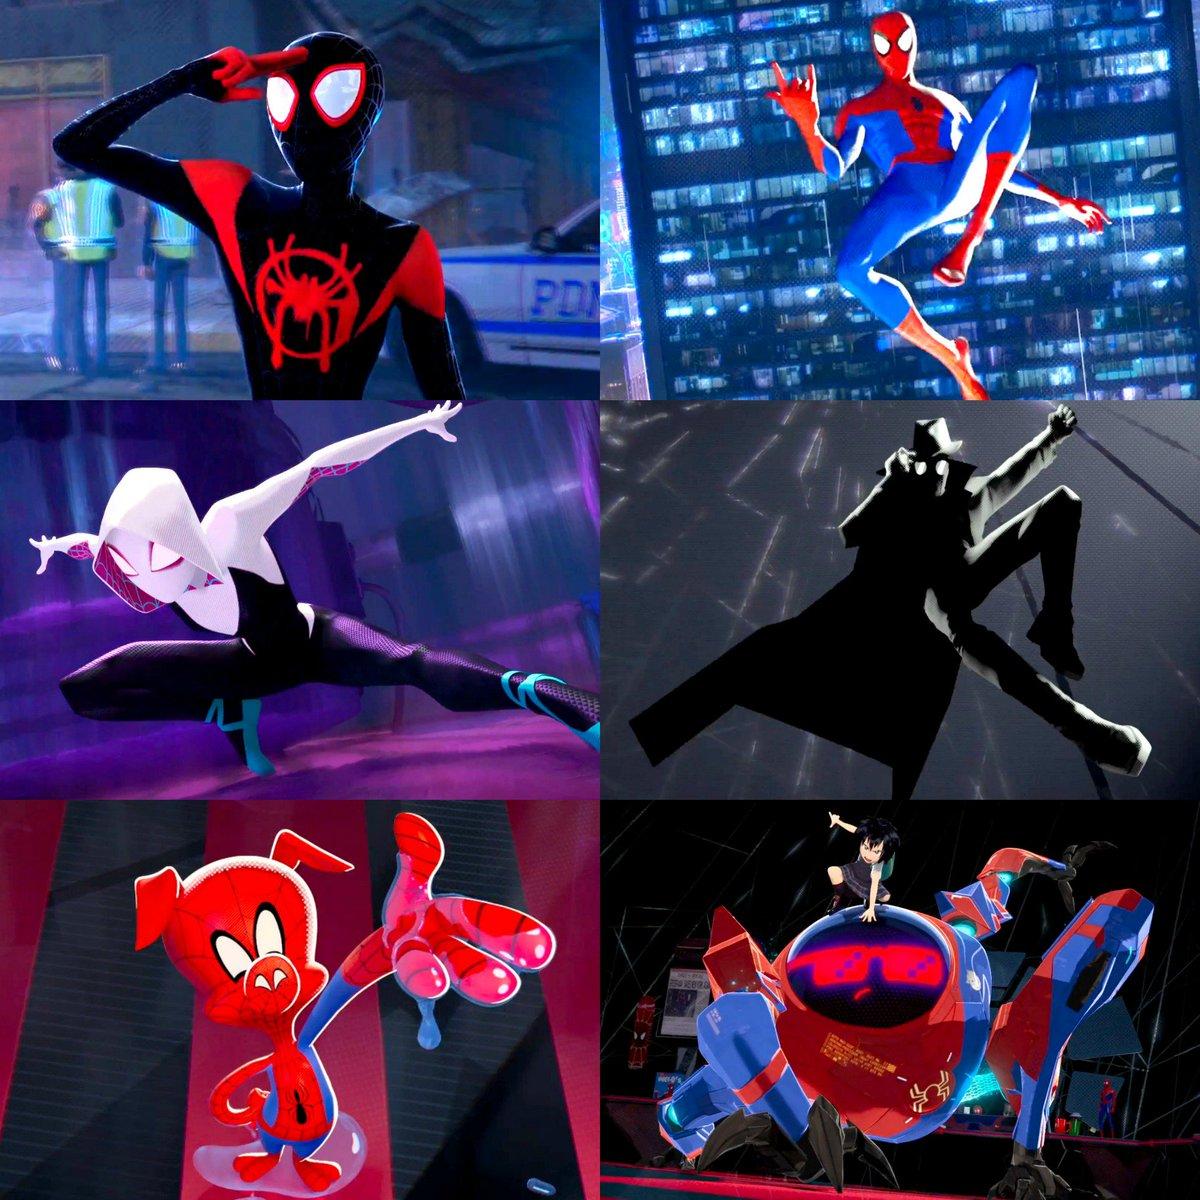 spider-man002